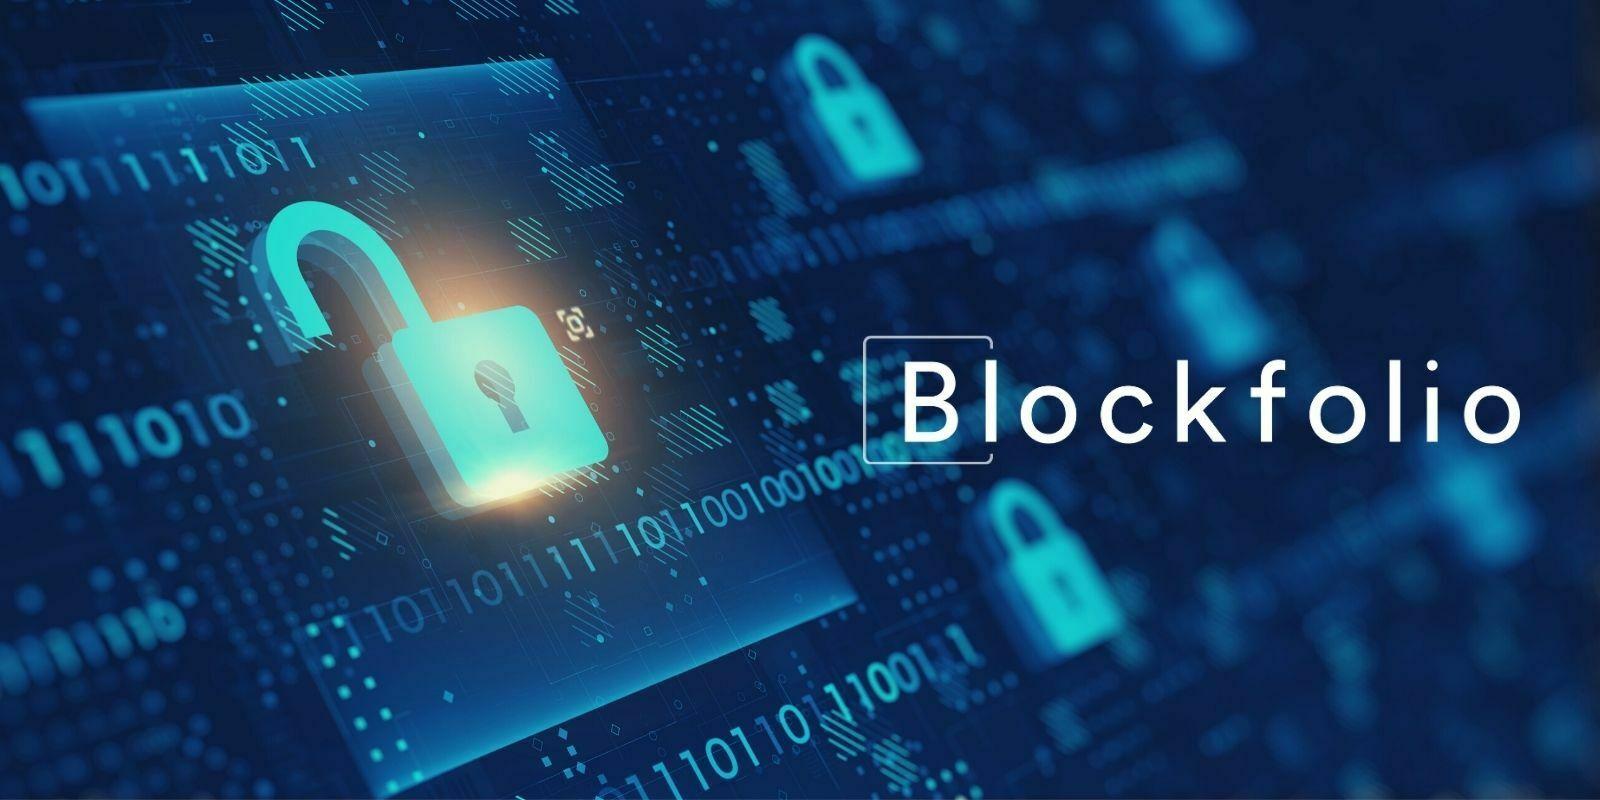 L'application Blockfolio a été piratée pour afficher des contenus offensants